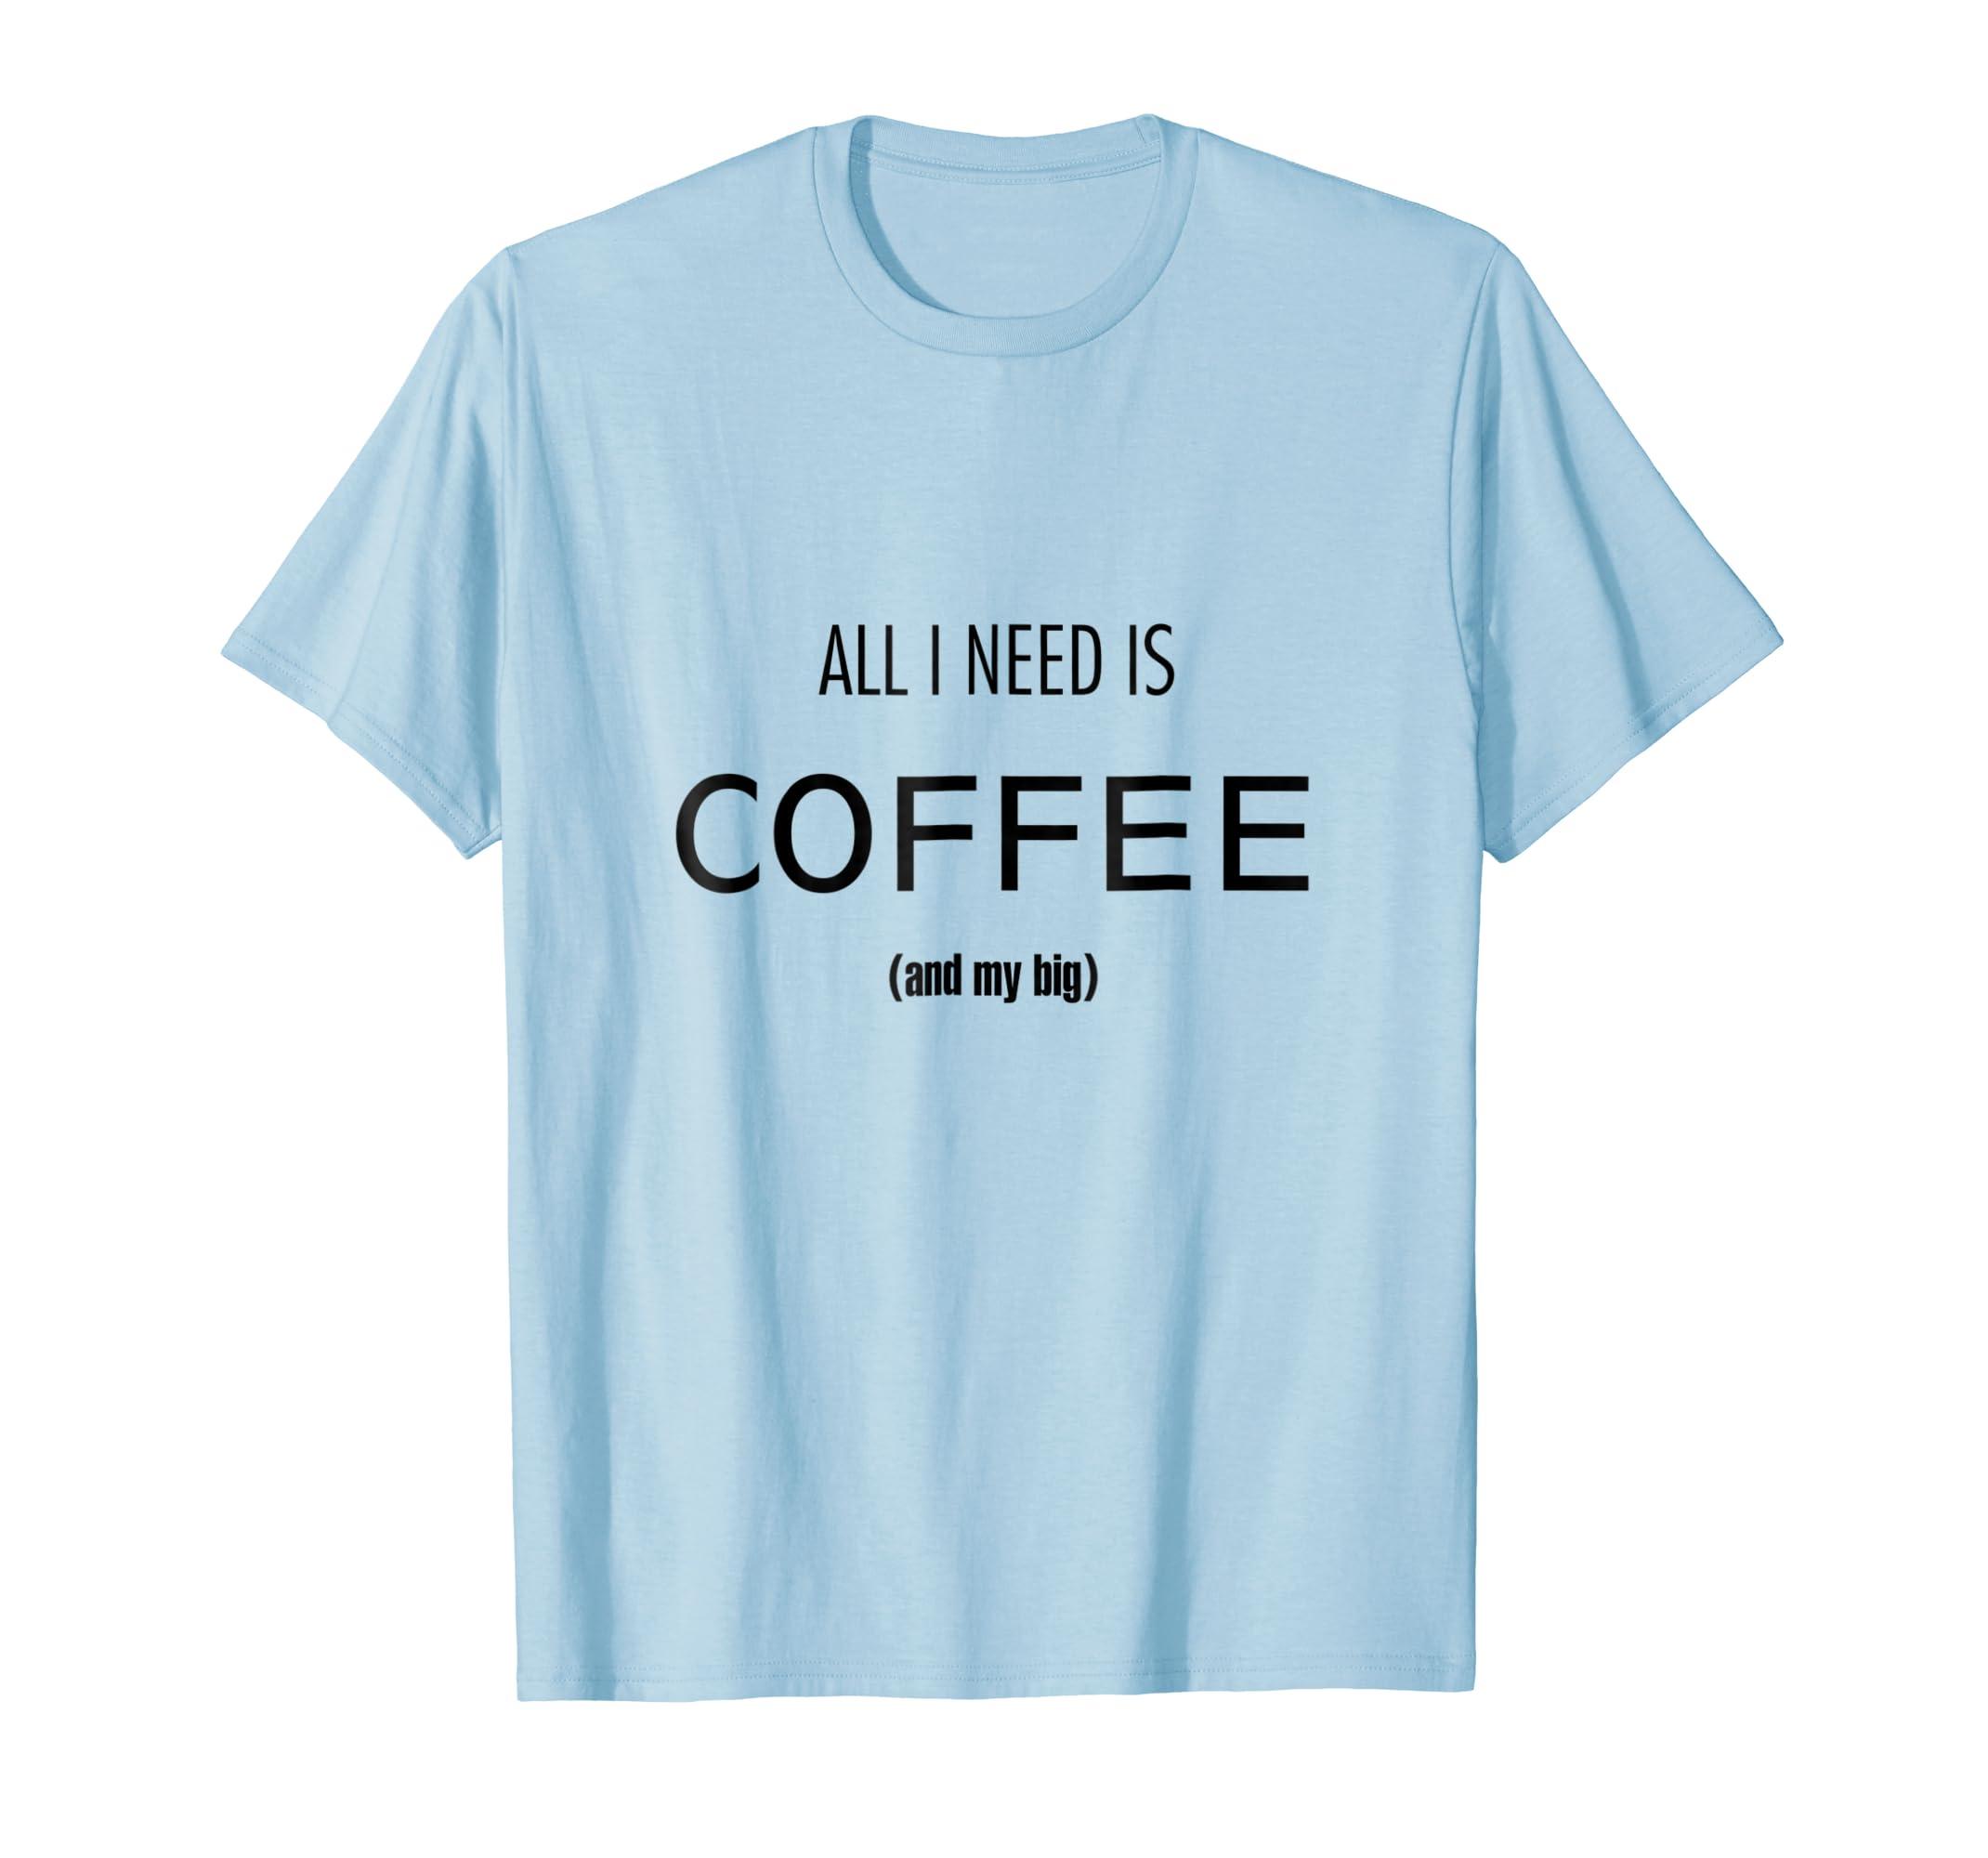 All I Need Is Coffee & My Big Tshirt-ln